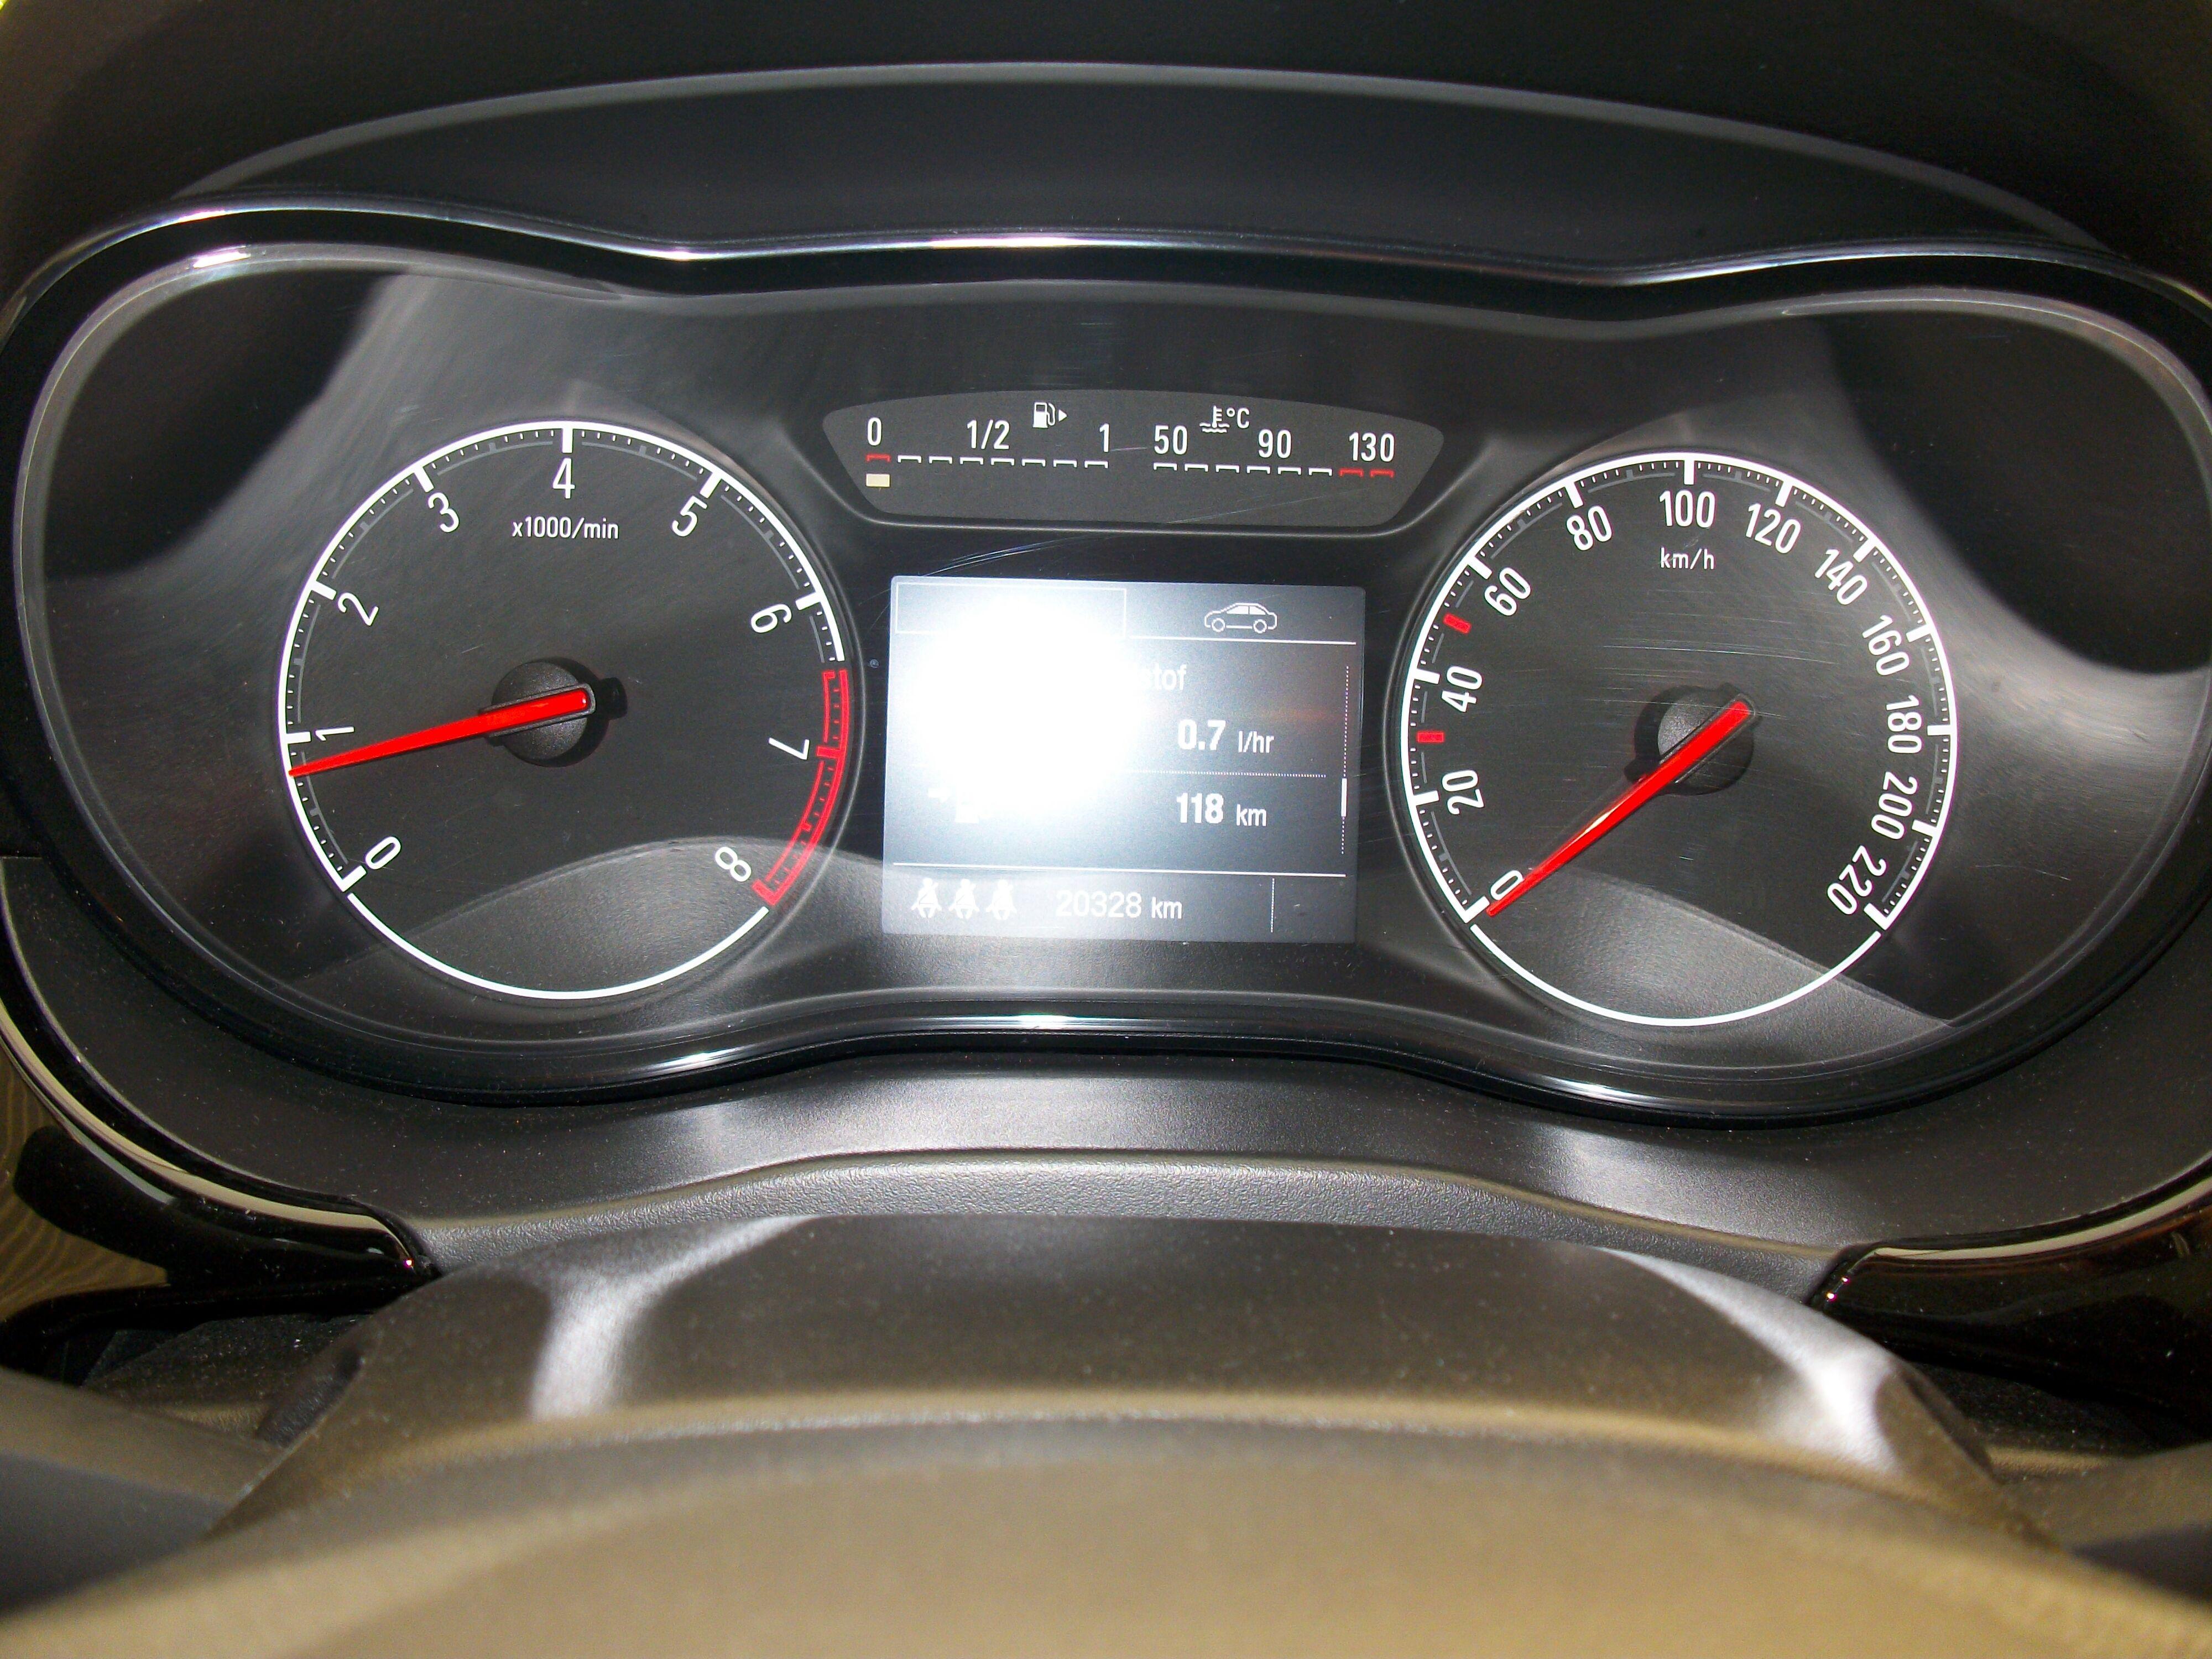 Opel Corsa CORSA E 1.2 Benz. - 5 deur 4/15